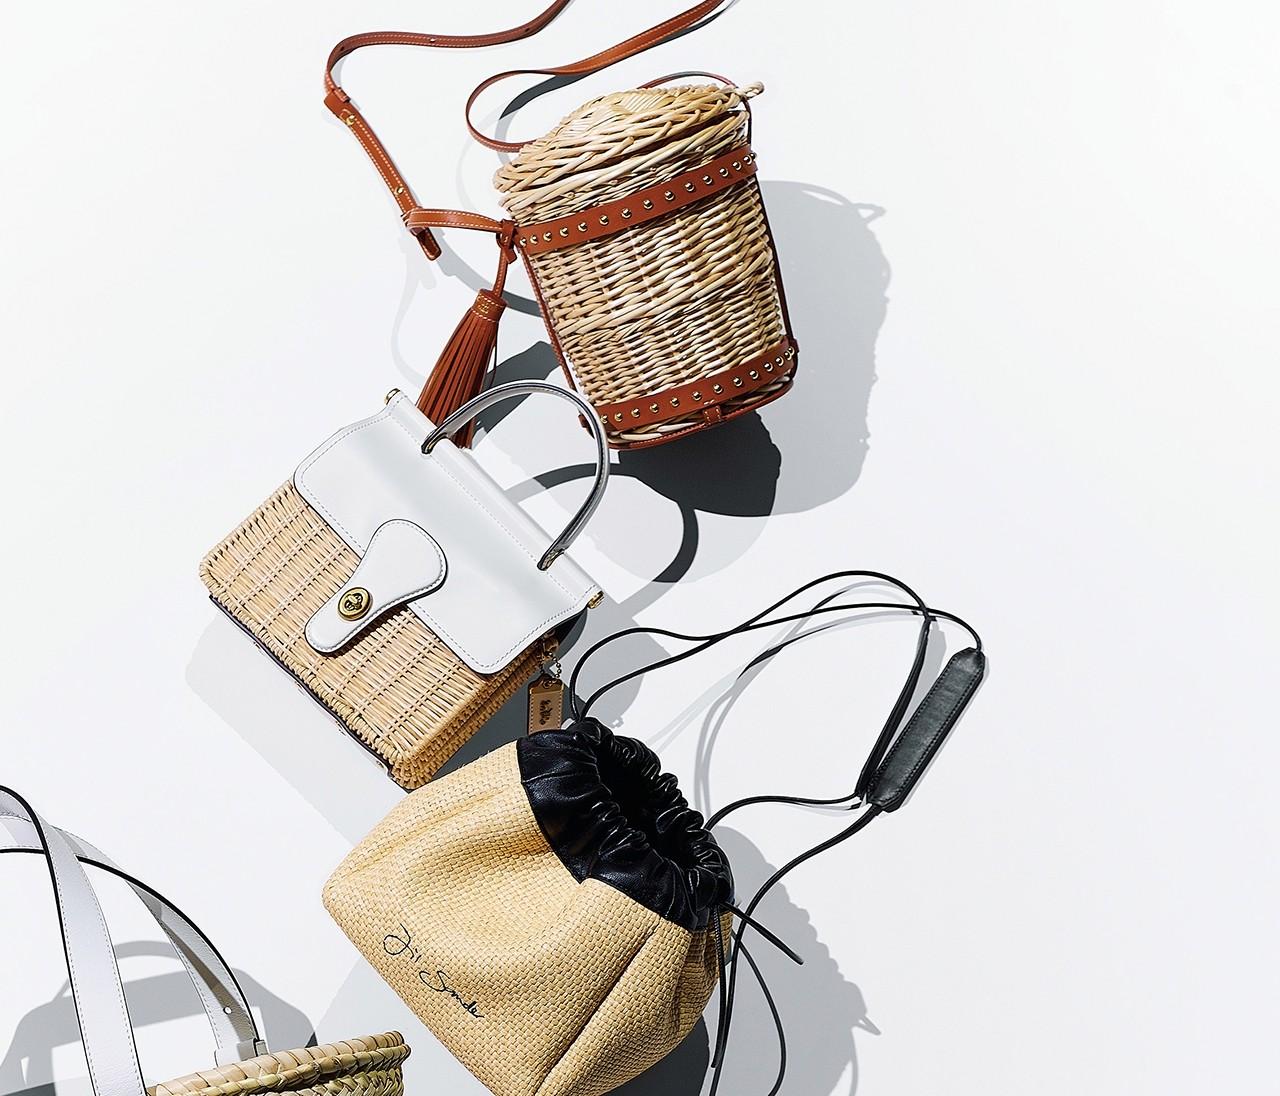 【かごバッグに恋して】〈都会派ショルダー〉でいつもと違う可愛さを!